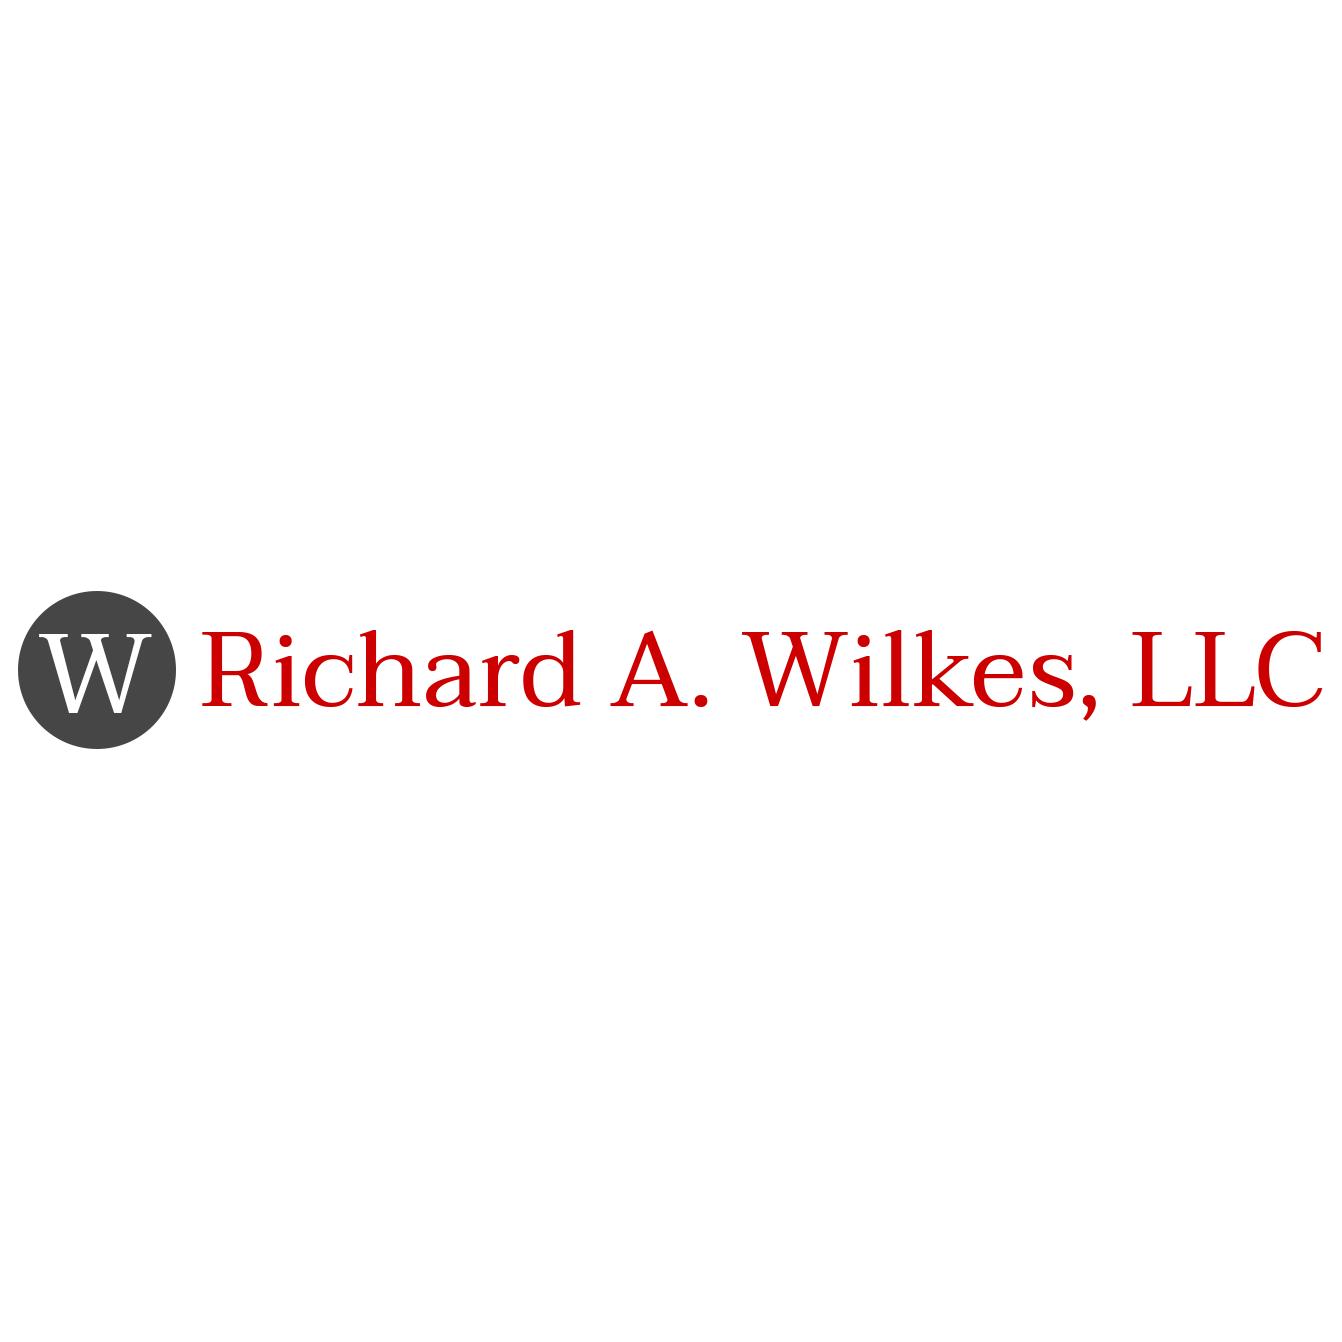 Richard A. Wilkes, LLC